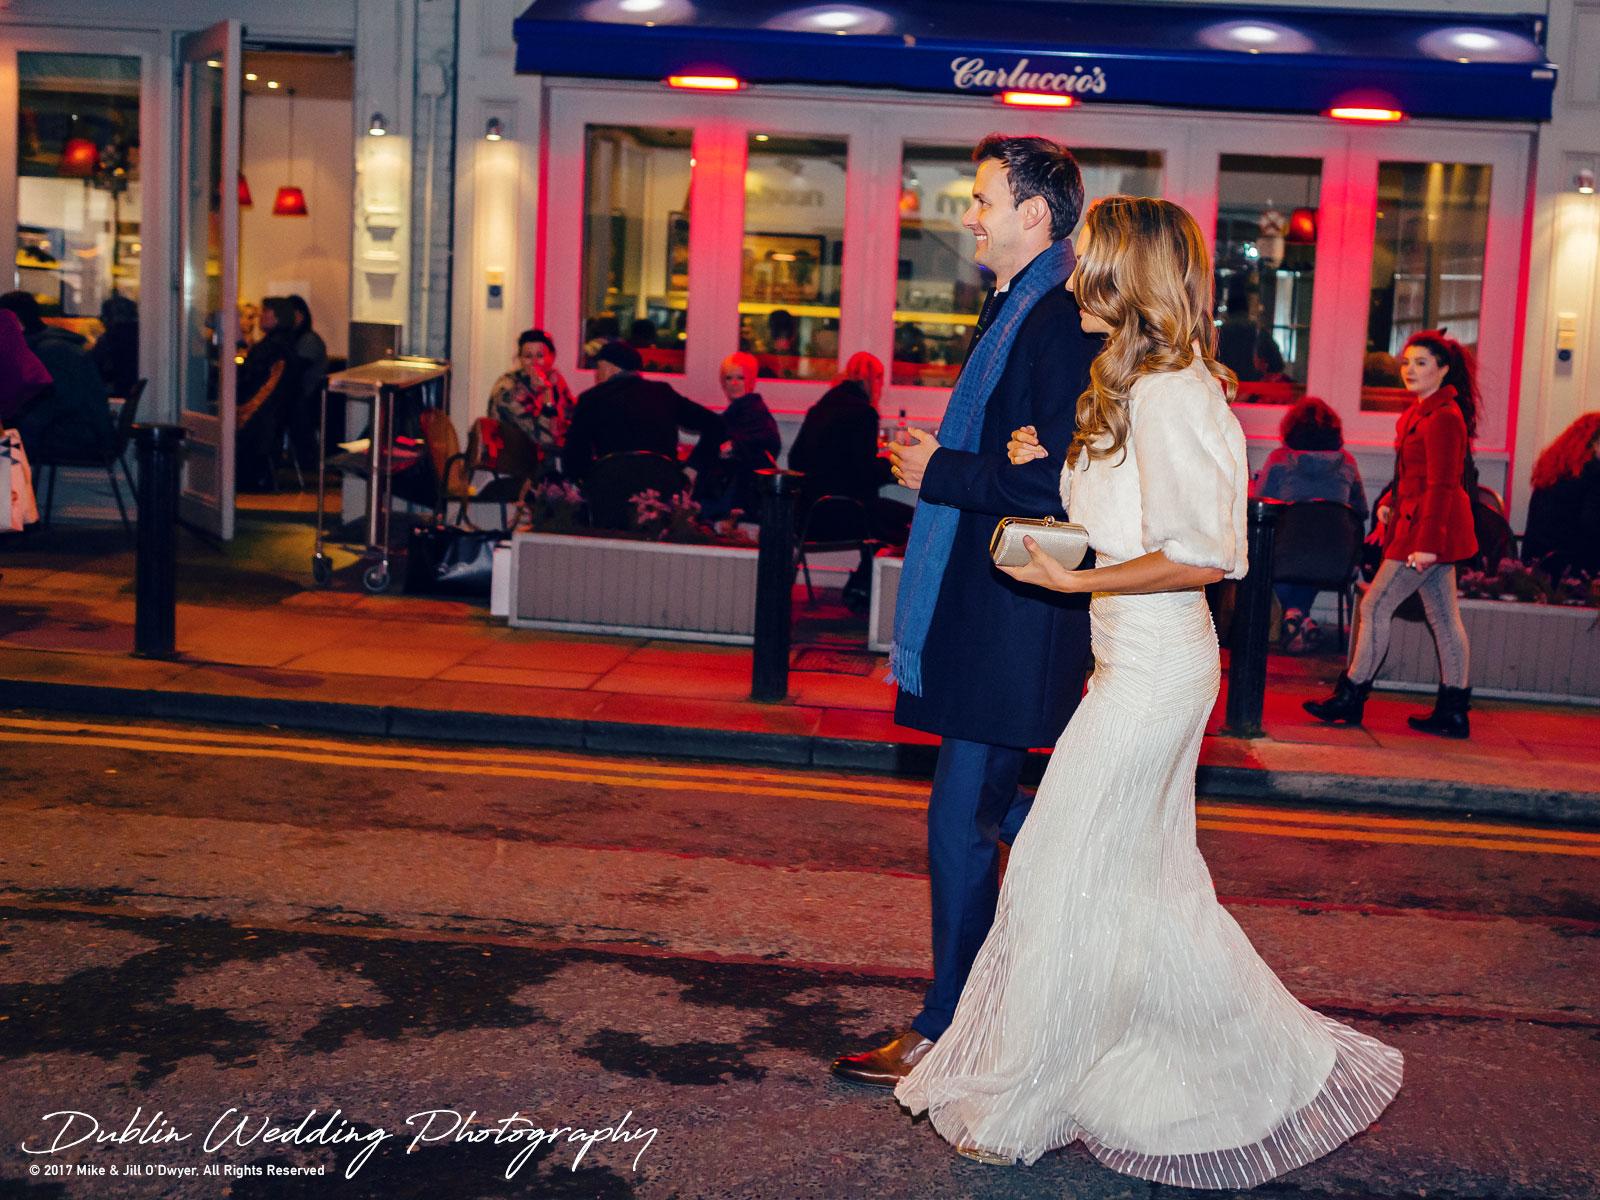 Dublin Wedding Photographer City Streets 058